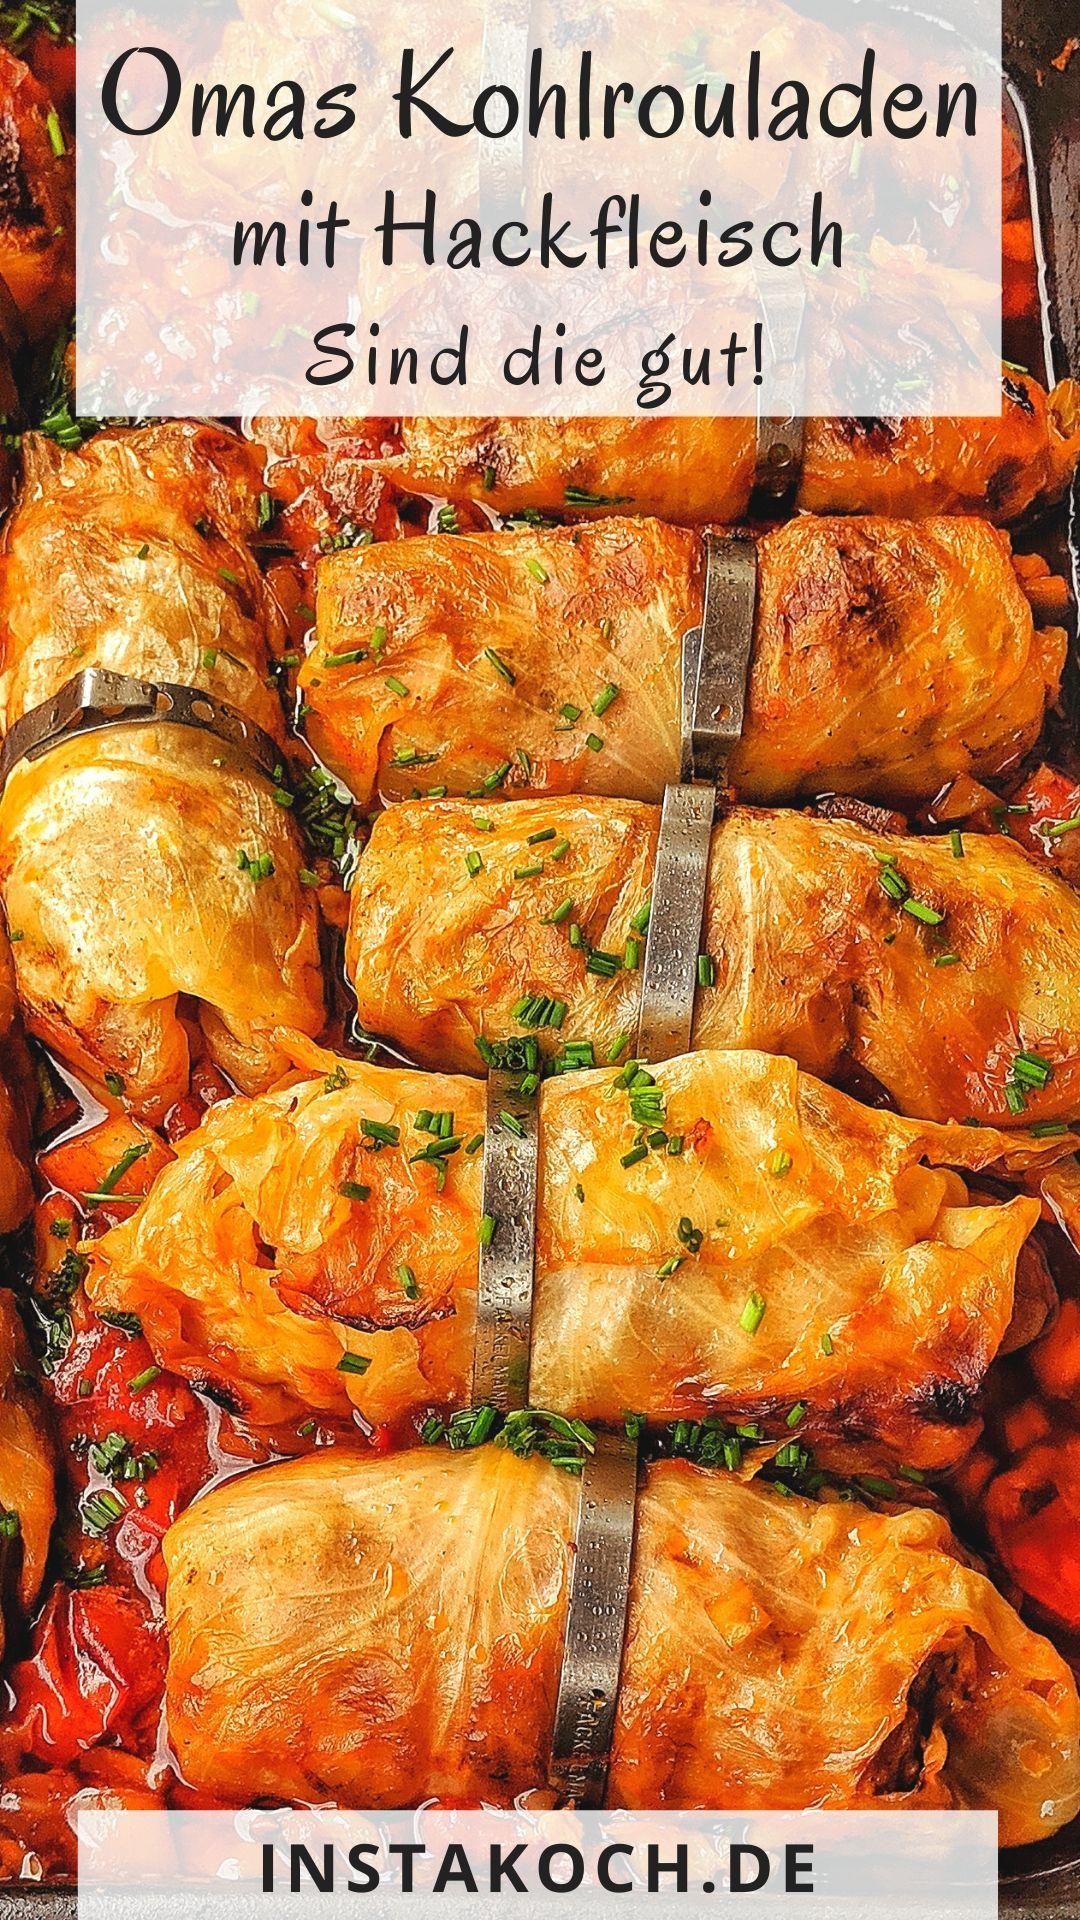 Omas Kohlrouladen mit Hackfleisch aus dem Ofen Bei Omas köstlichen Kohlrouladen mit Hackfleisch Füllung aus dem Ofen werden schöne Kindheitserinnerungen wa...